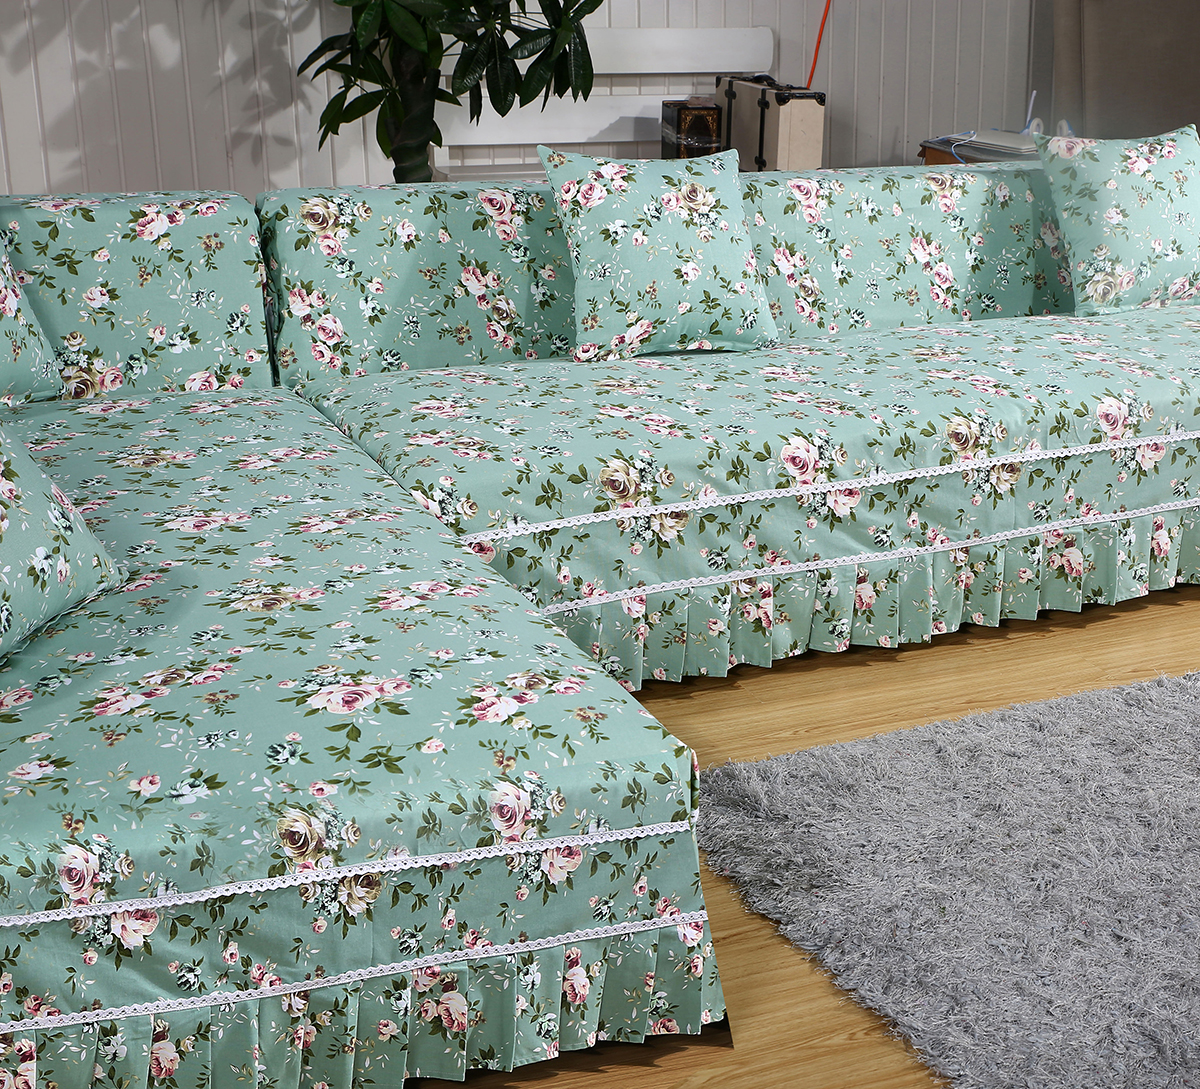 Диван крышка диван крышка диван полотенце полное покрытие простой современный диван обложка тканевая сочетание диван комплекты пакет универсальный крышка